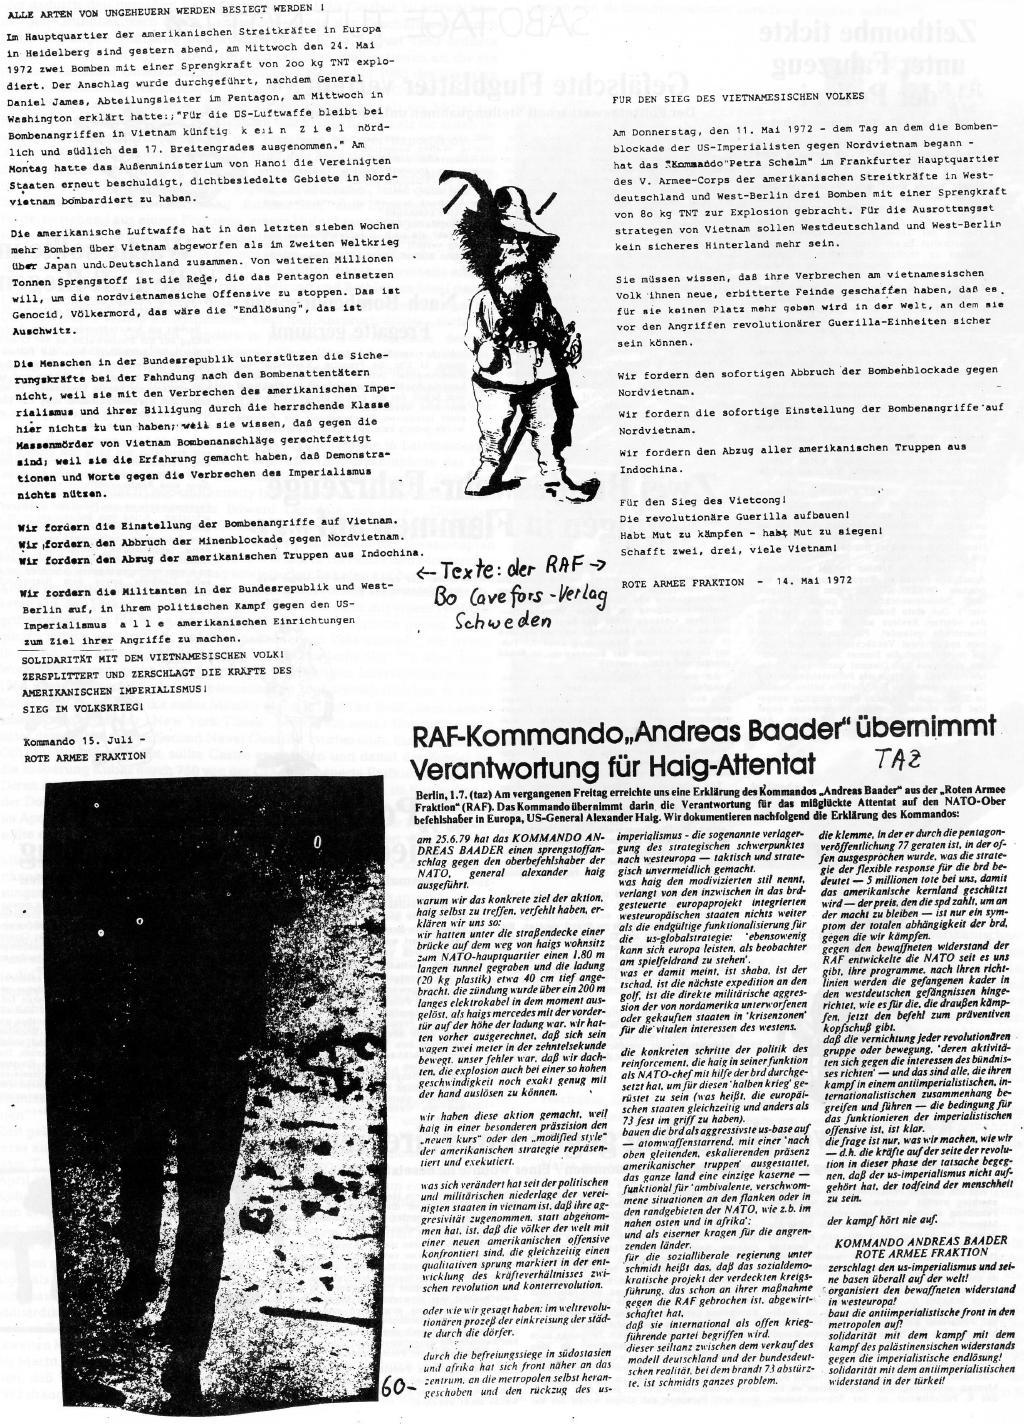 Bremen_1980_NATO_Broschuere_60